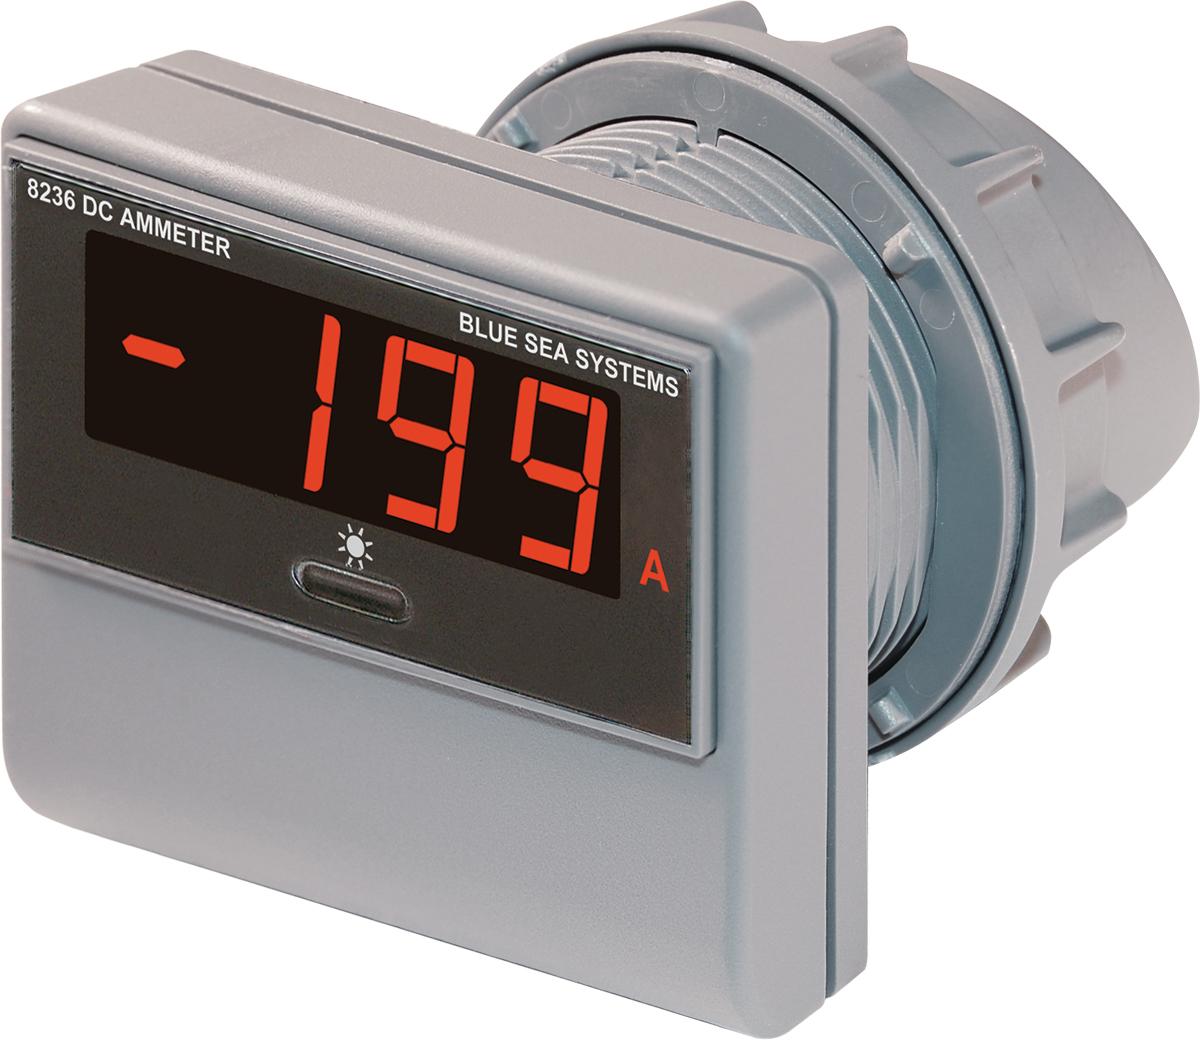 Digital Dc Meter : Blue sea systems meter digital dc amperage